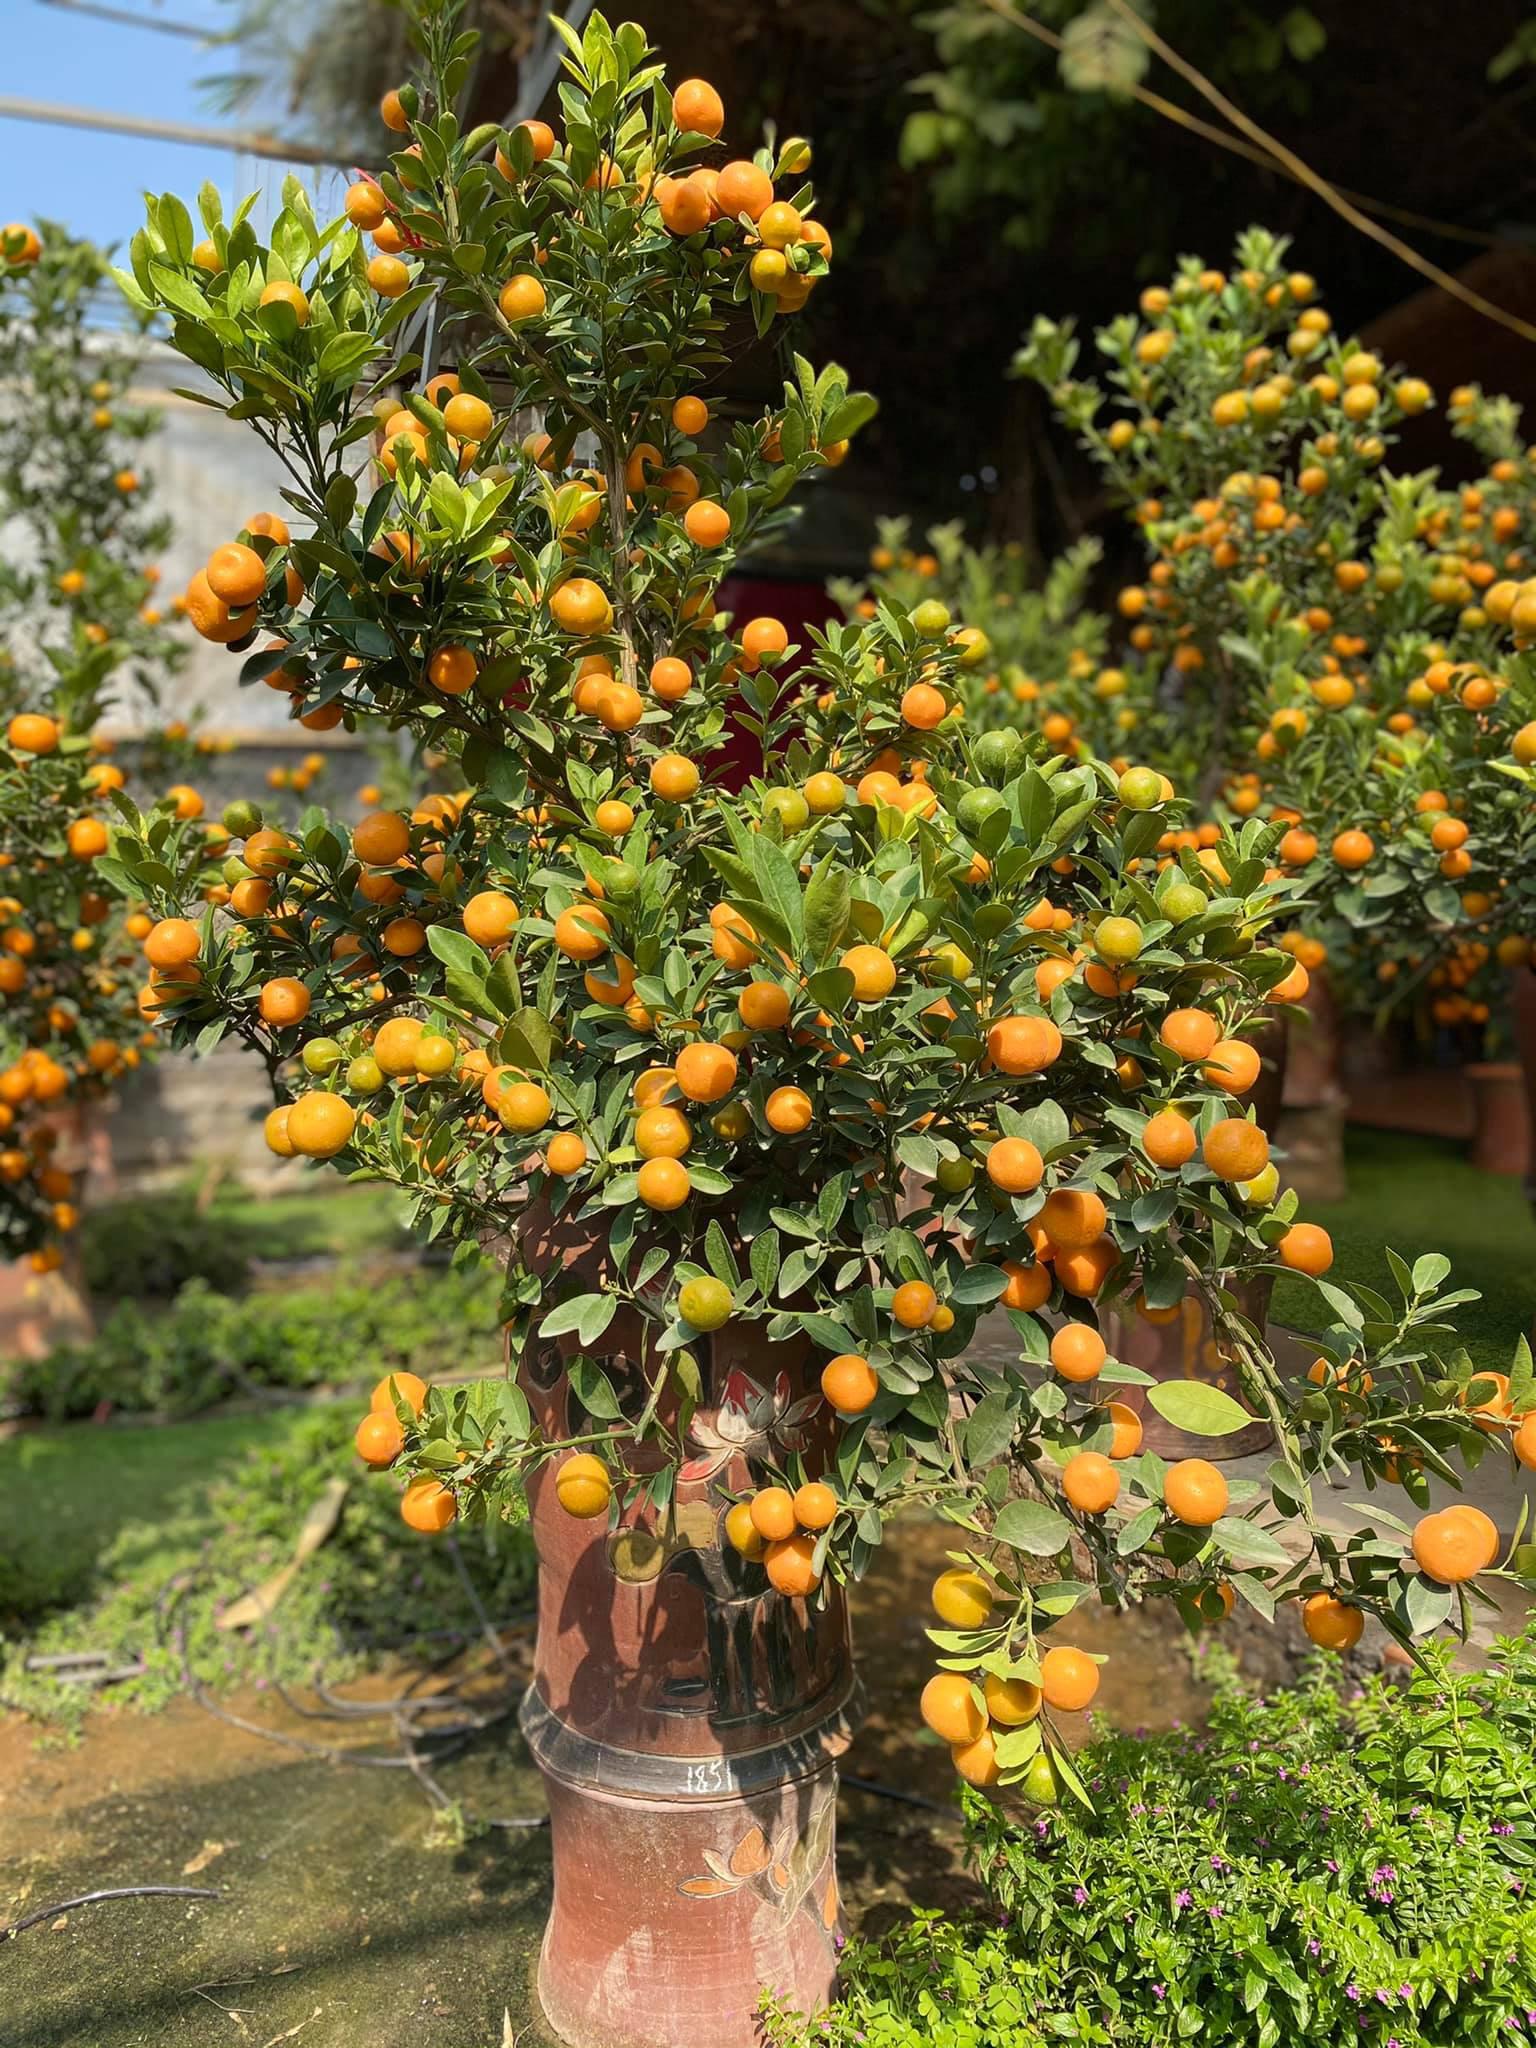 Tết Tân Sửu: Quất bonsai mini, vừa túi tiền dễ bán, dễ mua, dễ trưng bày đắt khách như tôm tươi - Ảnh 13.